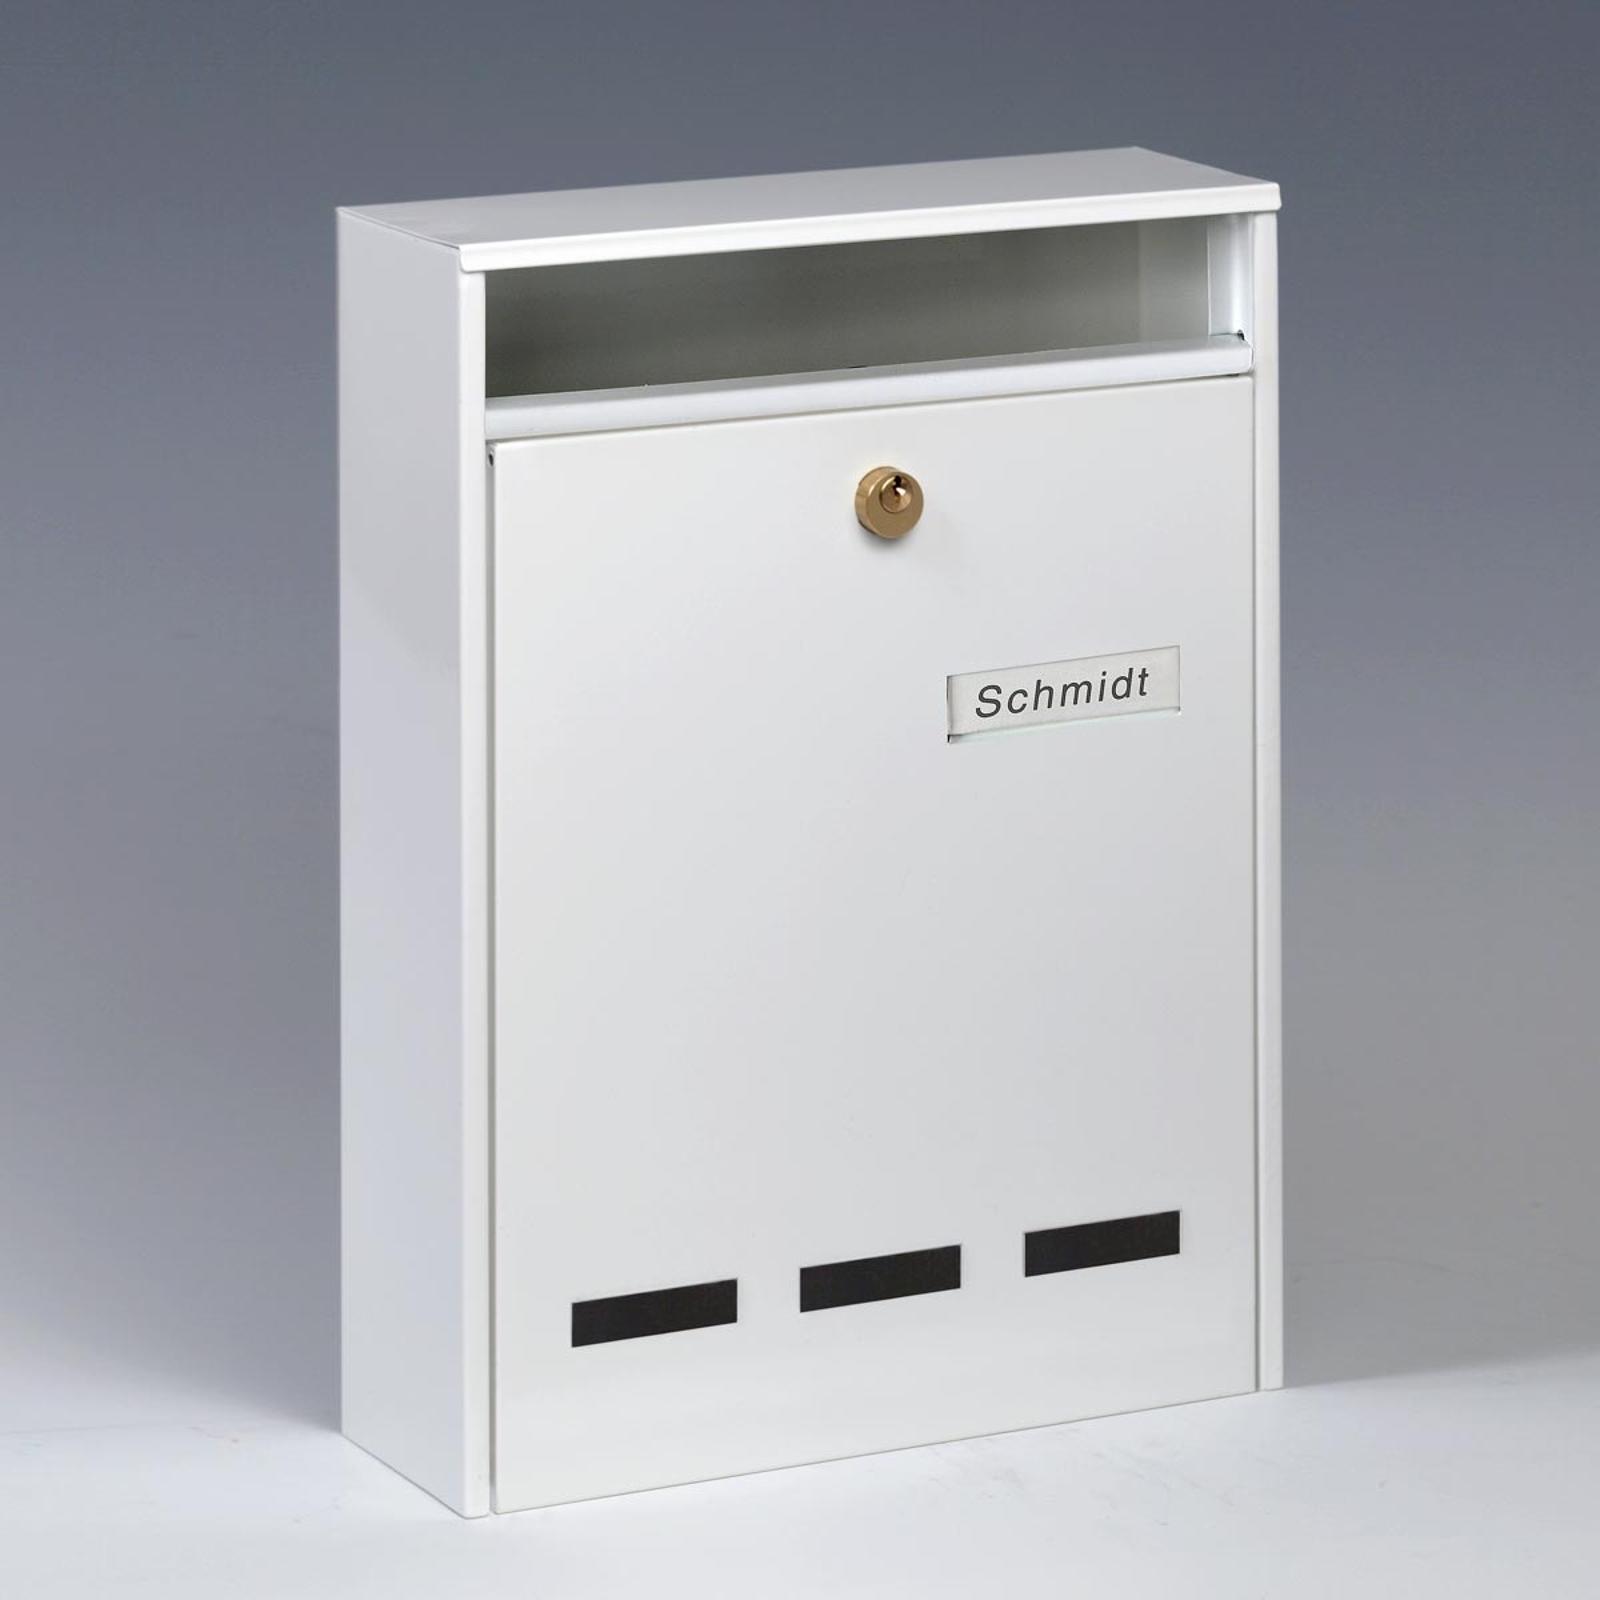 Wismar-ryhmäpostilaatikko tyyppi DIN A4, valkoinen